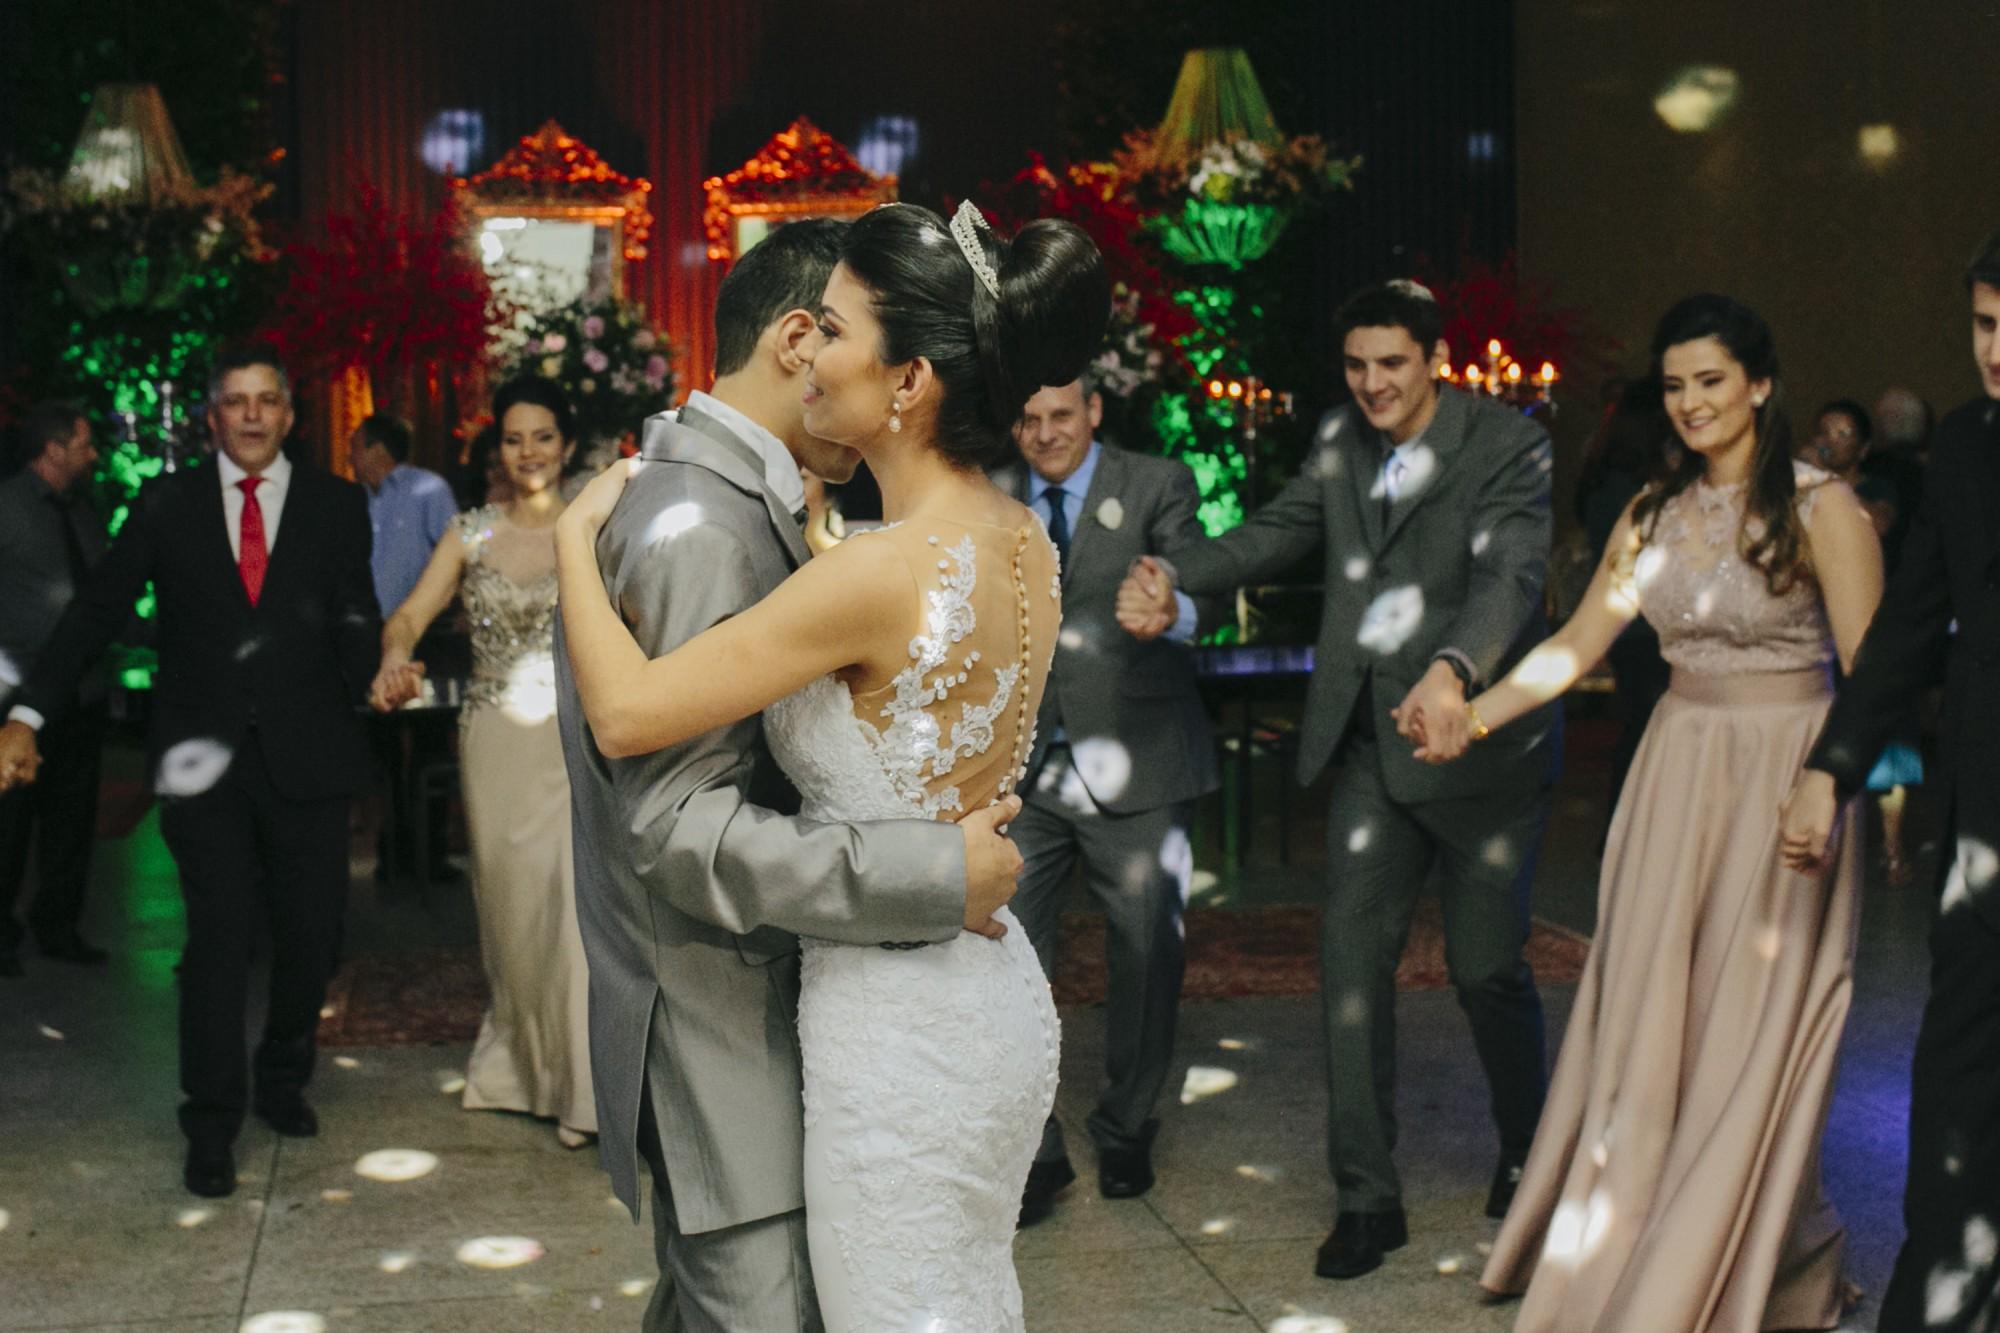 Casamento Camila Rampim e Rafael em Terra Roxa - Paraná - por Lorran Souza e Léia Sotile - fotografos de casamentos - 74